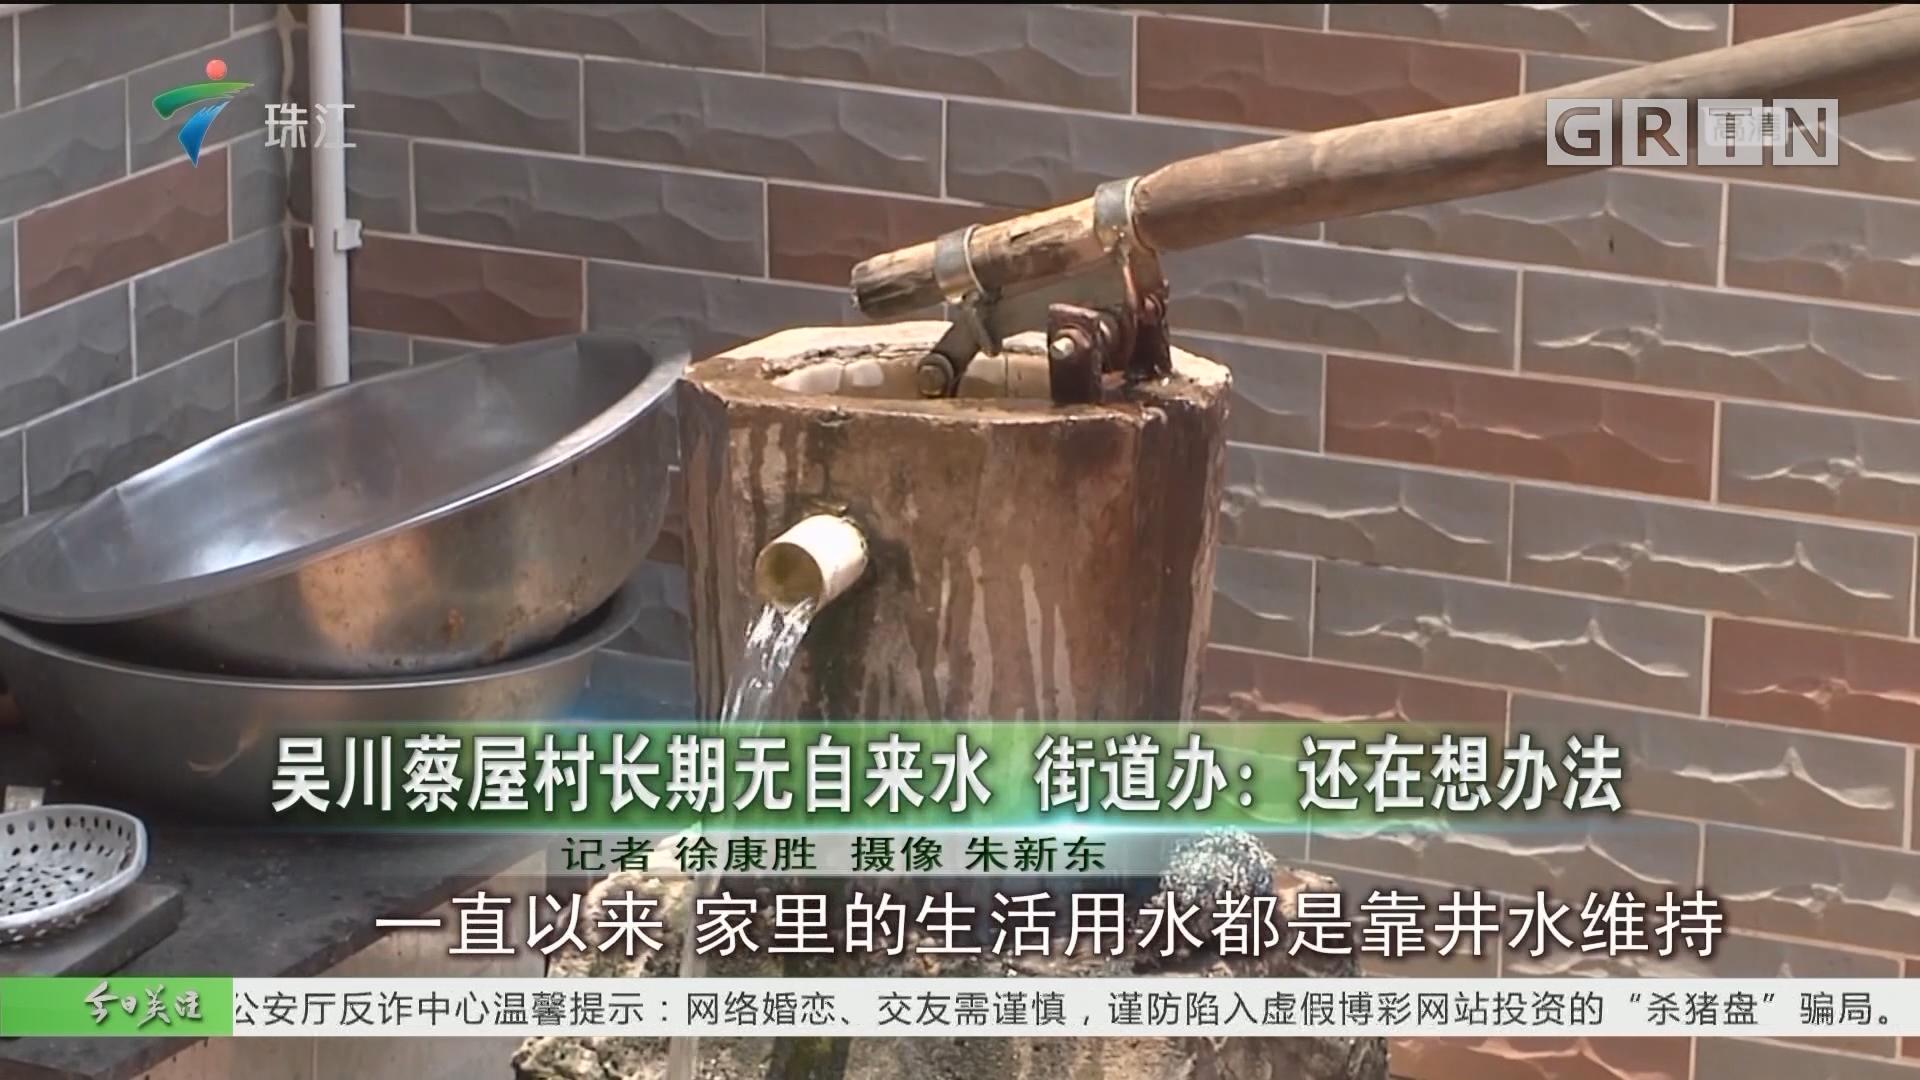 吳川蔡屋村長期無自來水 街道辦:還在想辦法